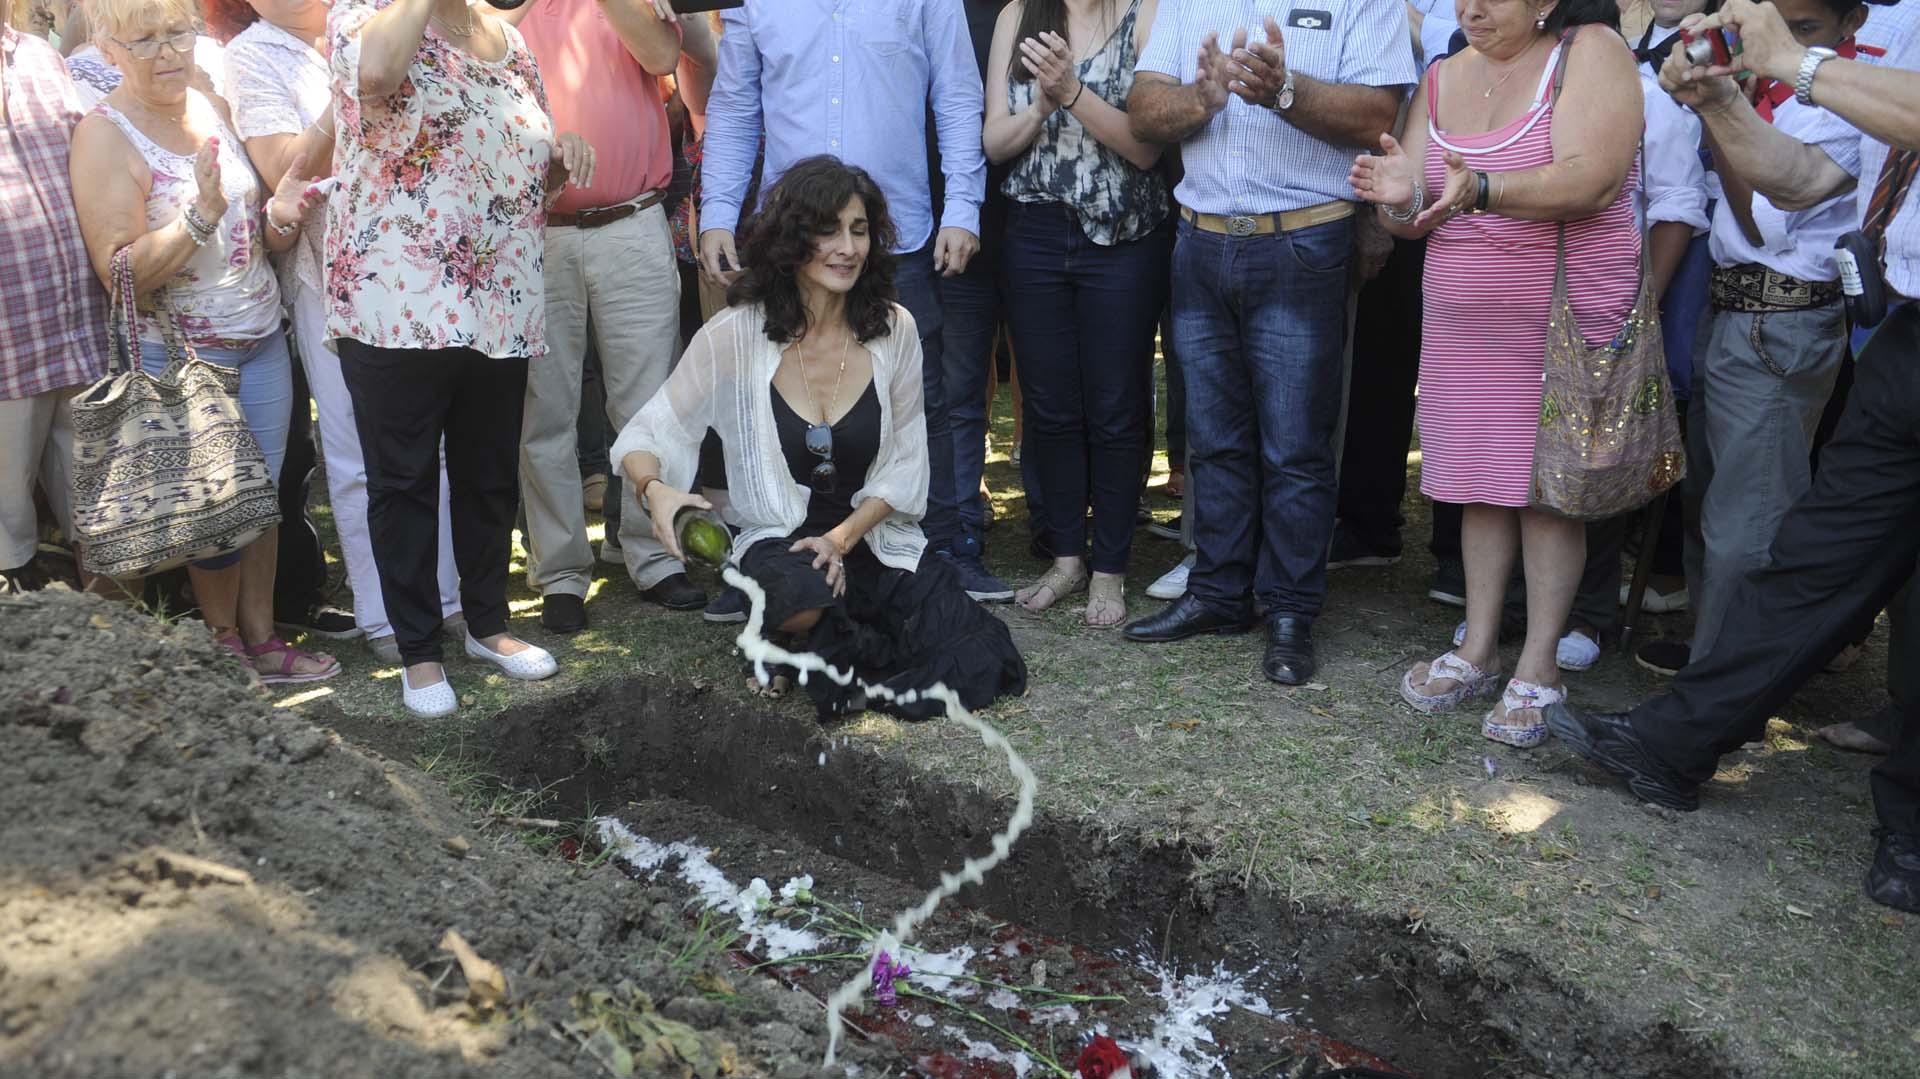 Entre lágrimas, Micaela Cruz arroja champán sobre el cajón de su papá, Lito Cruz. Los restos del actor, uno de los más prestigiosos de la escena nacional,fueron enterrados el viernes 22 de diciembre en el Cementerio Municipal de Berisso. Además del champán, hubo guitarreadas y jinetes. Y una honda tristeza (Dino Calvo)